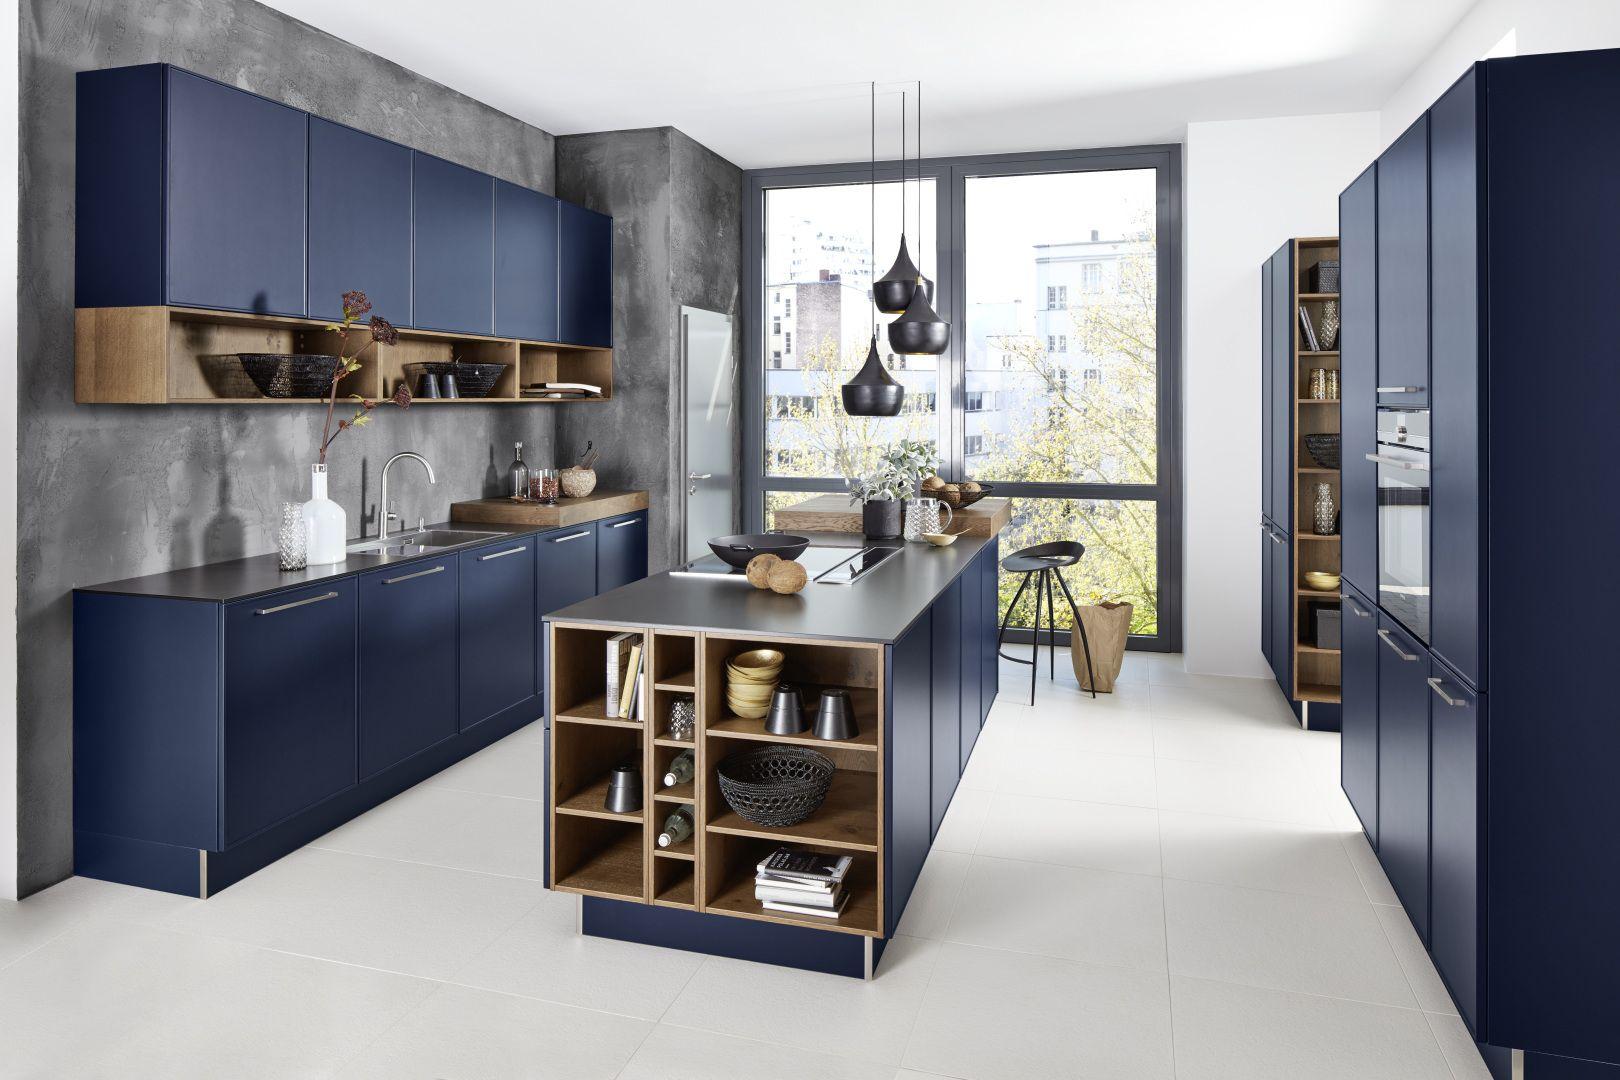 Schon Moderne Küchen: Stilvoll, Innovativ | Nolte Kuechen.de